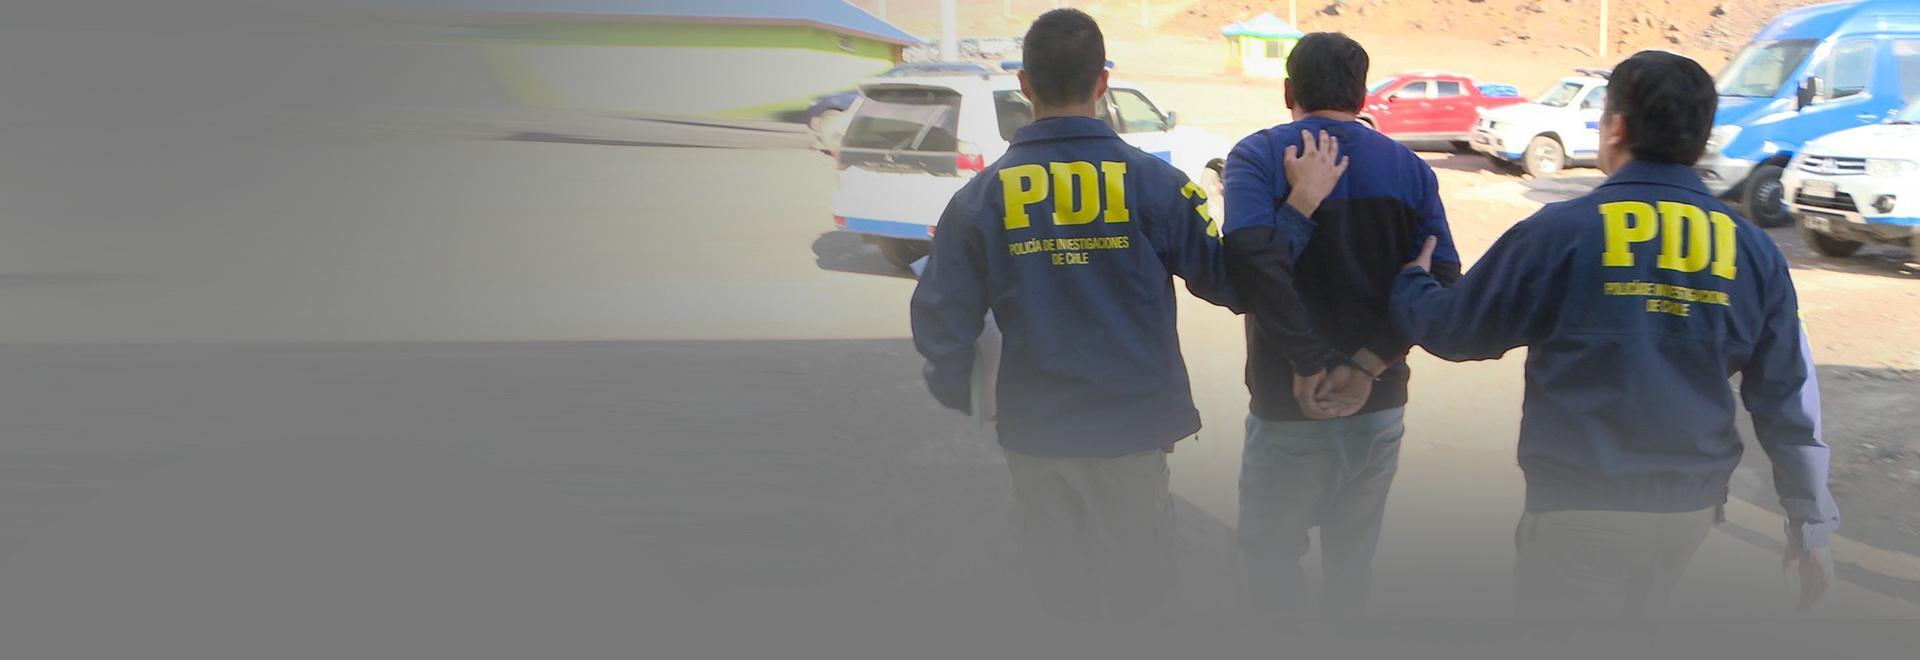 America Latina: le frontiere del crimine